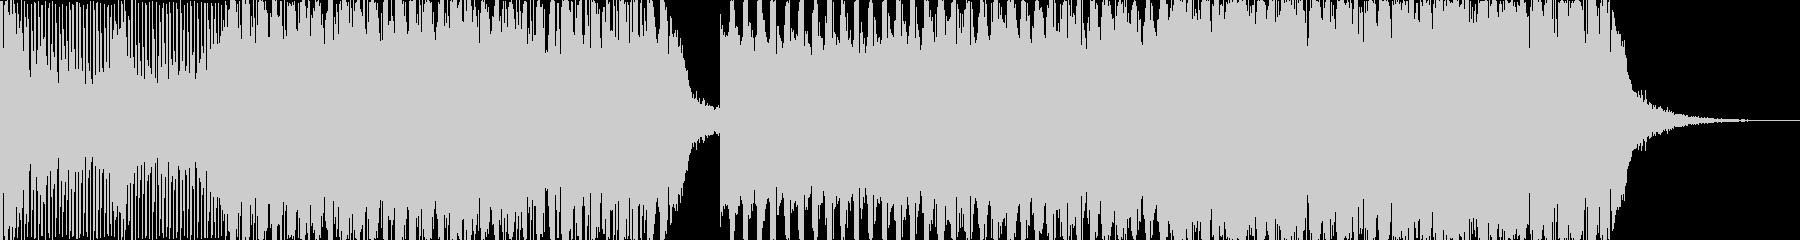 エレクトロニック サスペンス アク...の未再生の波形